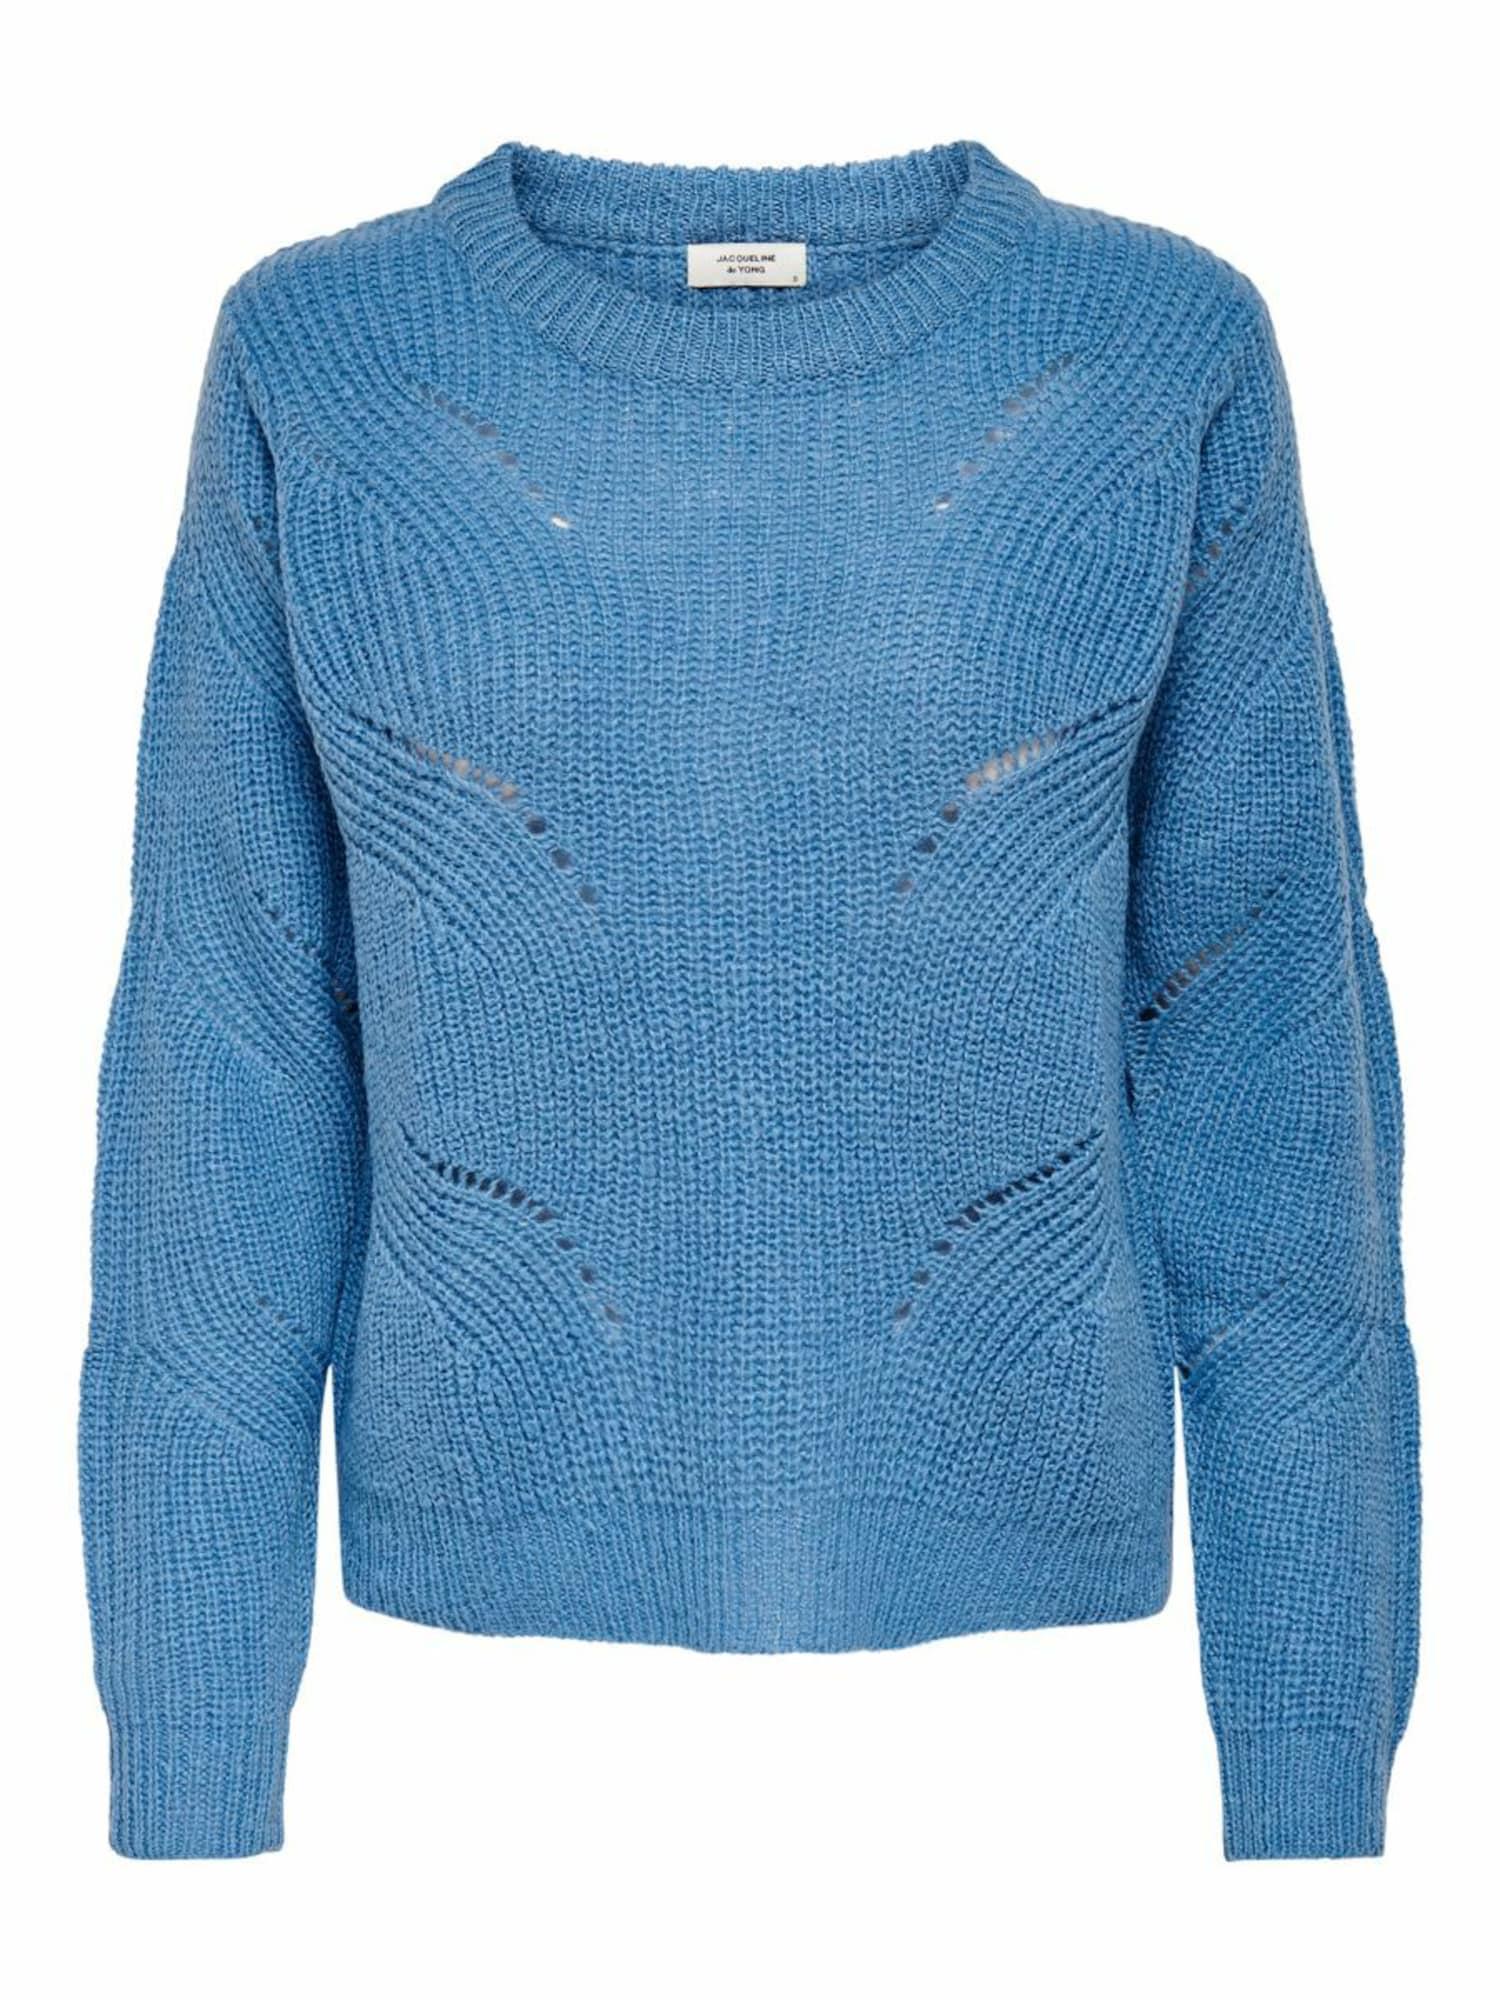 JACQUELINE de YONG Megztinis mėlyna